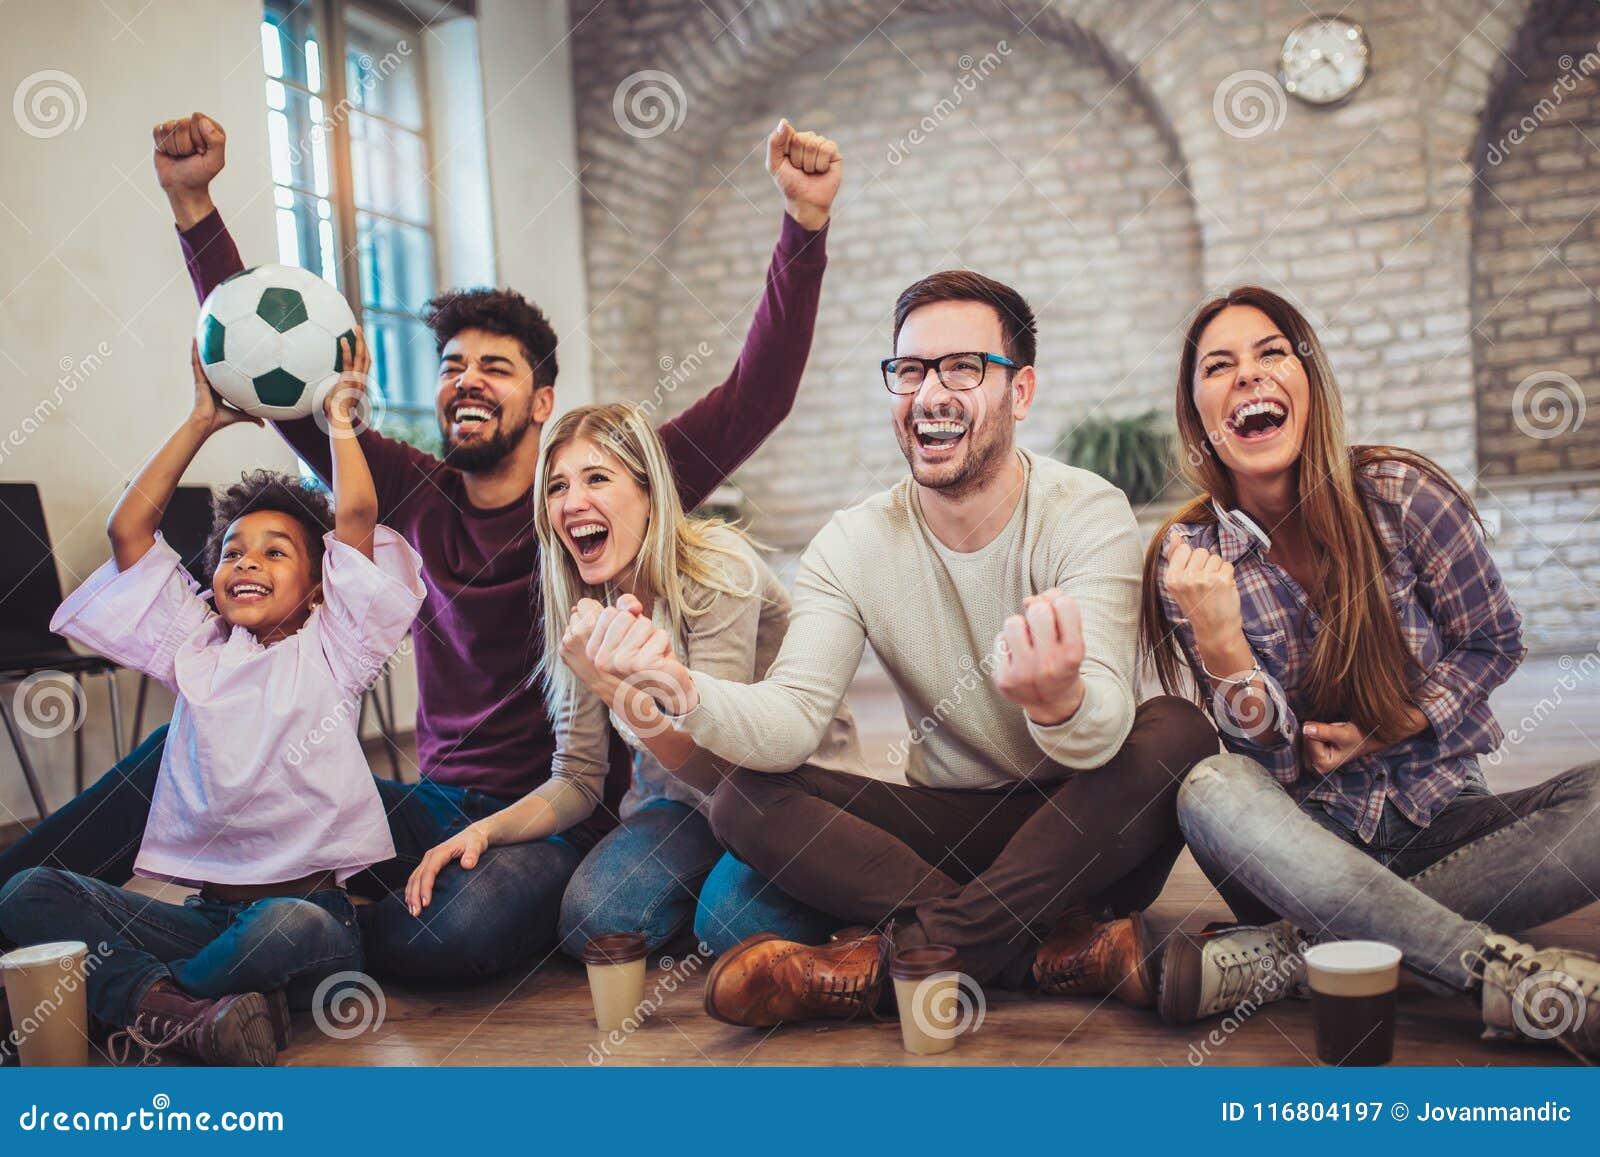 Amici o tifosi felici che guardano calcio sulla TV e che celebrano vittoria